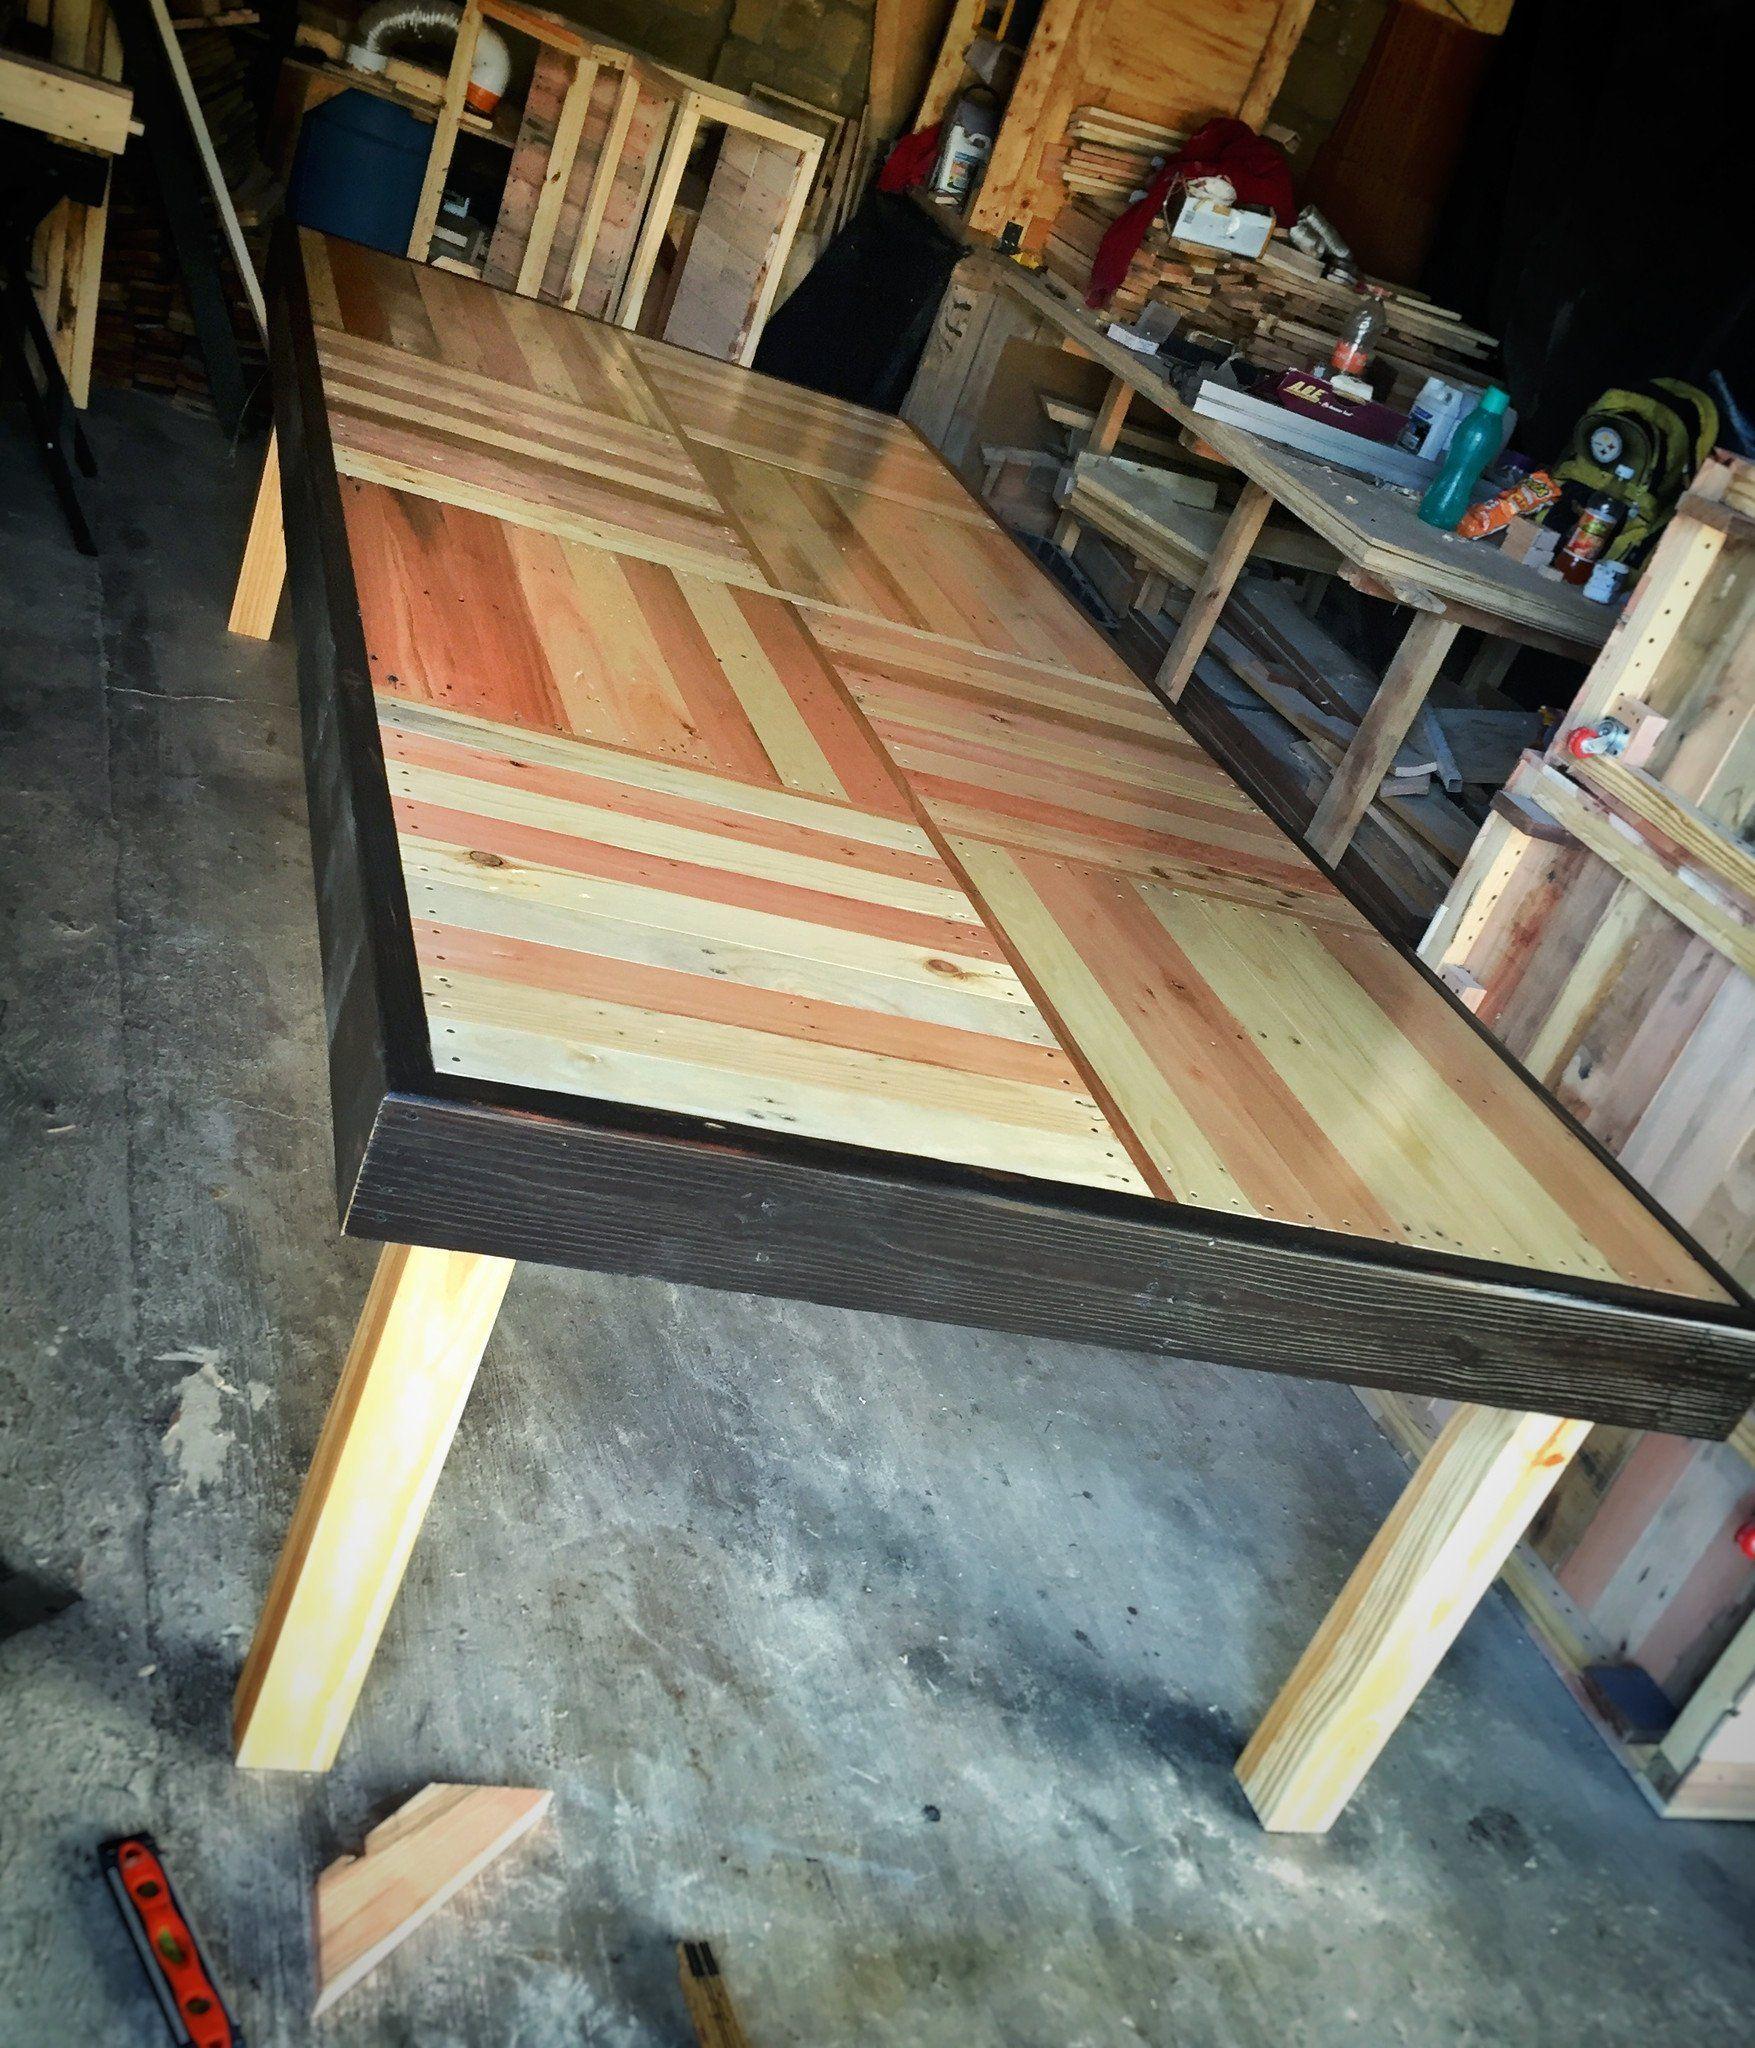 Arte Sano Mobiliario De Dise O Ecol Gico Fabricados Artesanalmente  # Muebles Sustentables Df